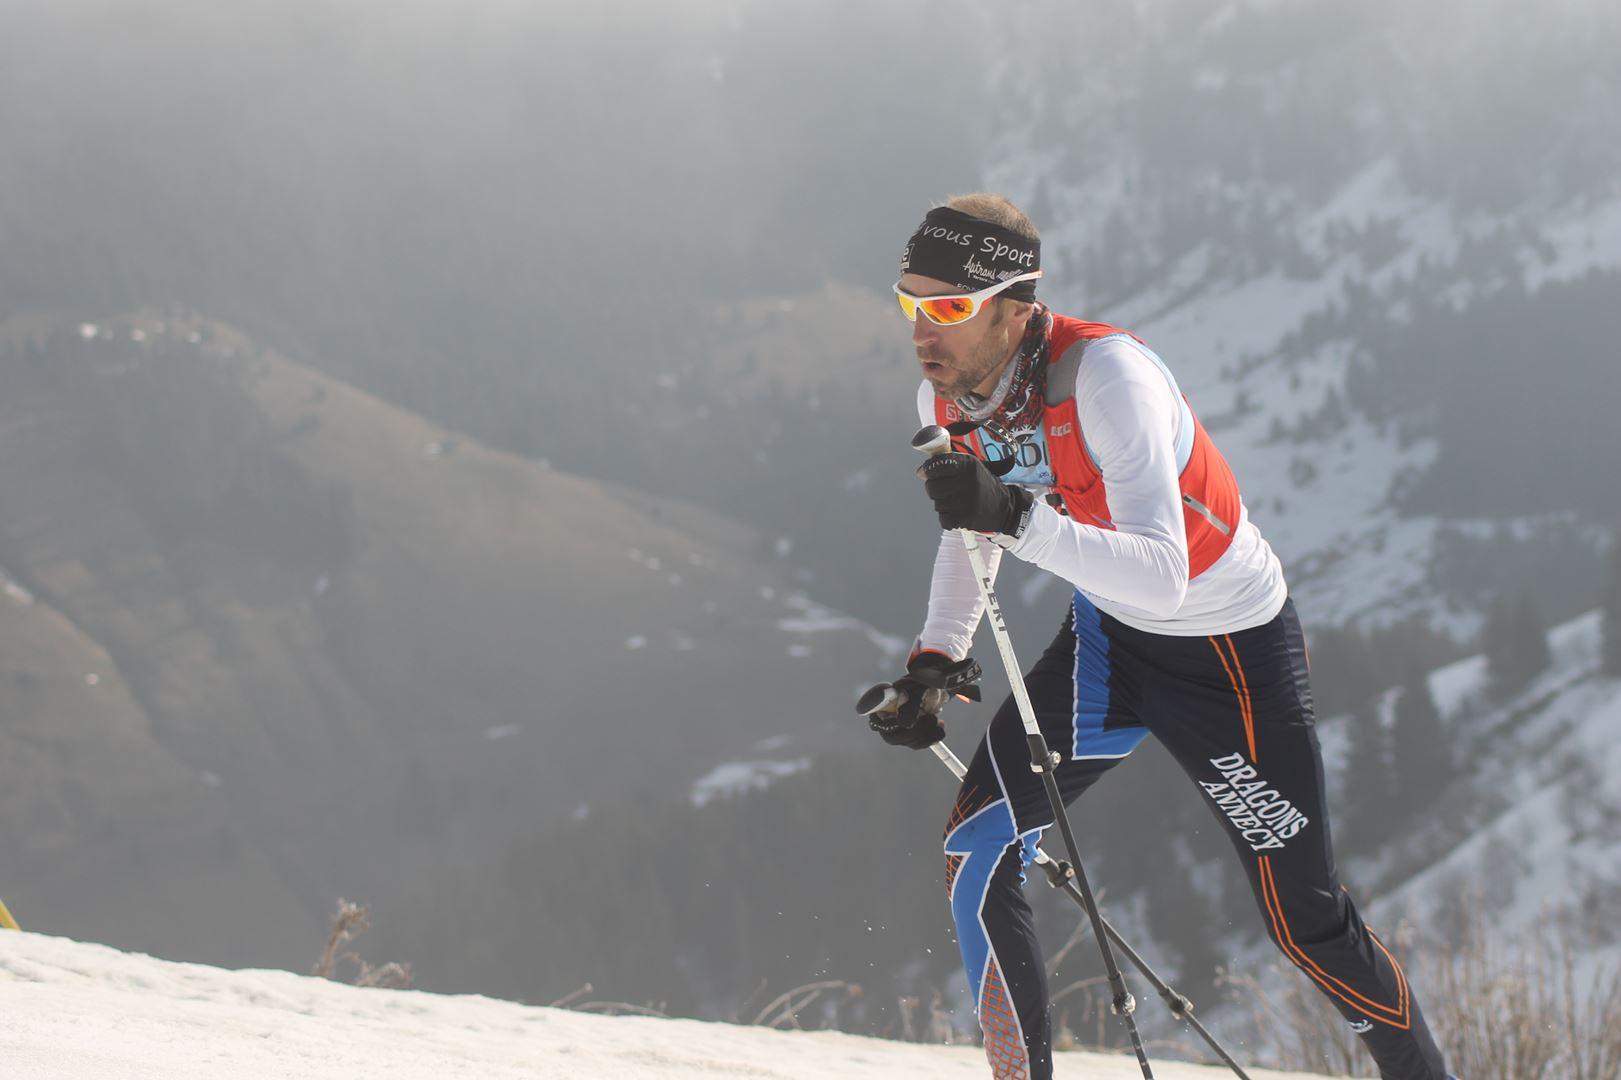 passage du 1er parcours soft - RESULTATS ET REPORTAGE SUR LA 8EME EDITION DE l'ARAVIS SNOW TRAIL  (LA GIETTAZ 73)